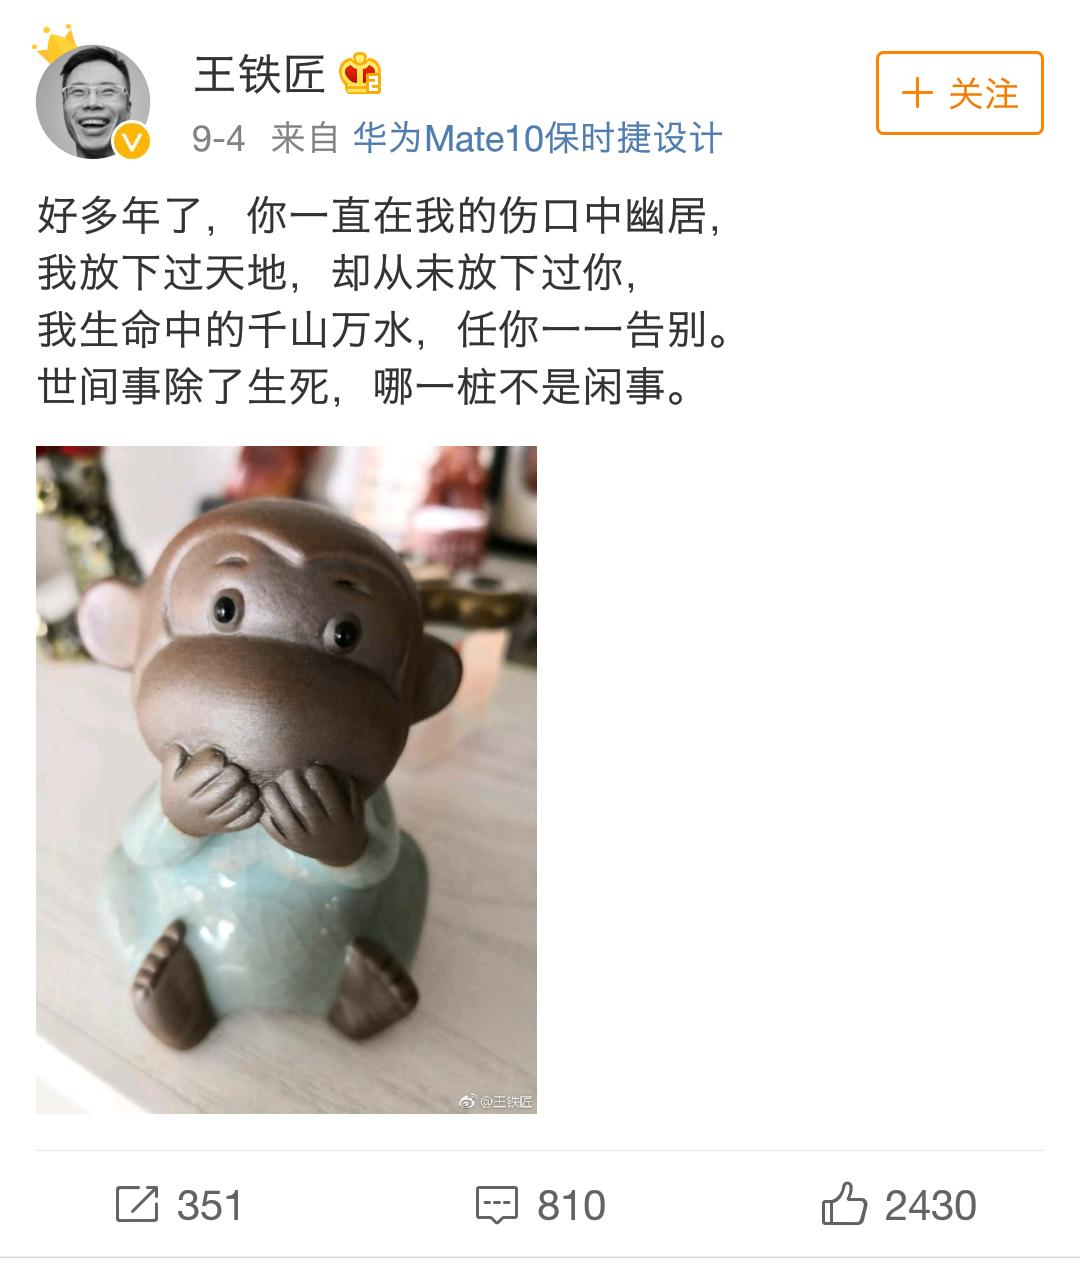 9月4日当天王欣的微博@截图来源王欣微博